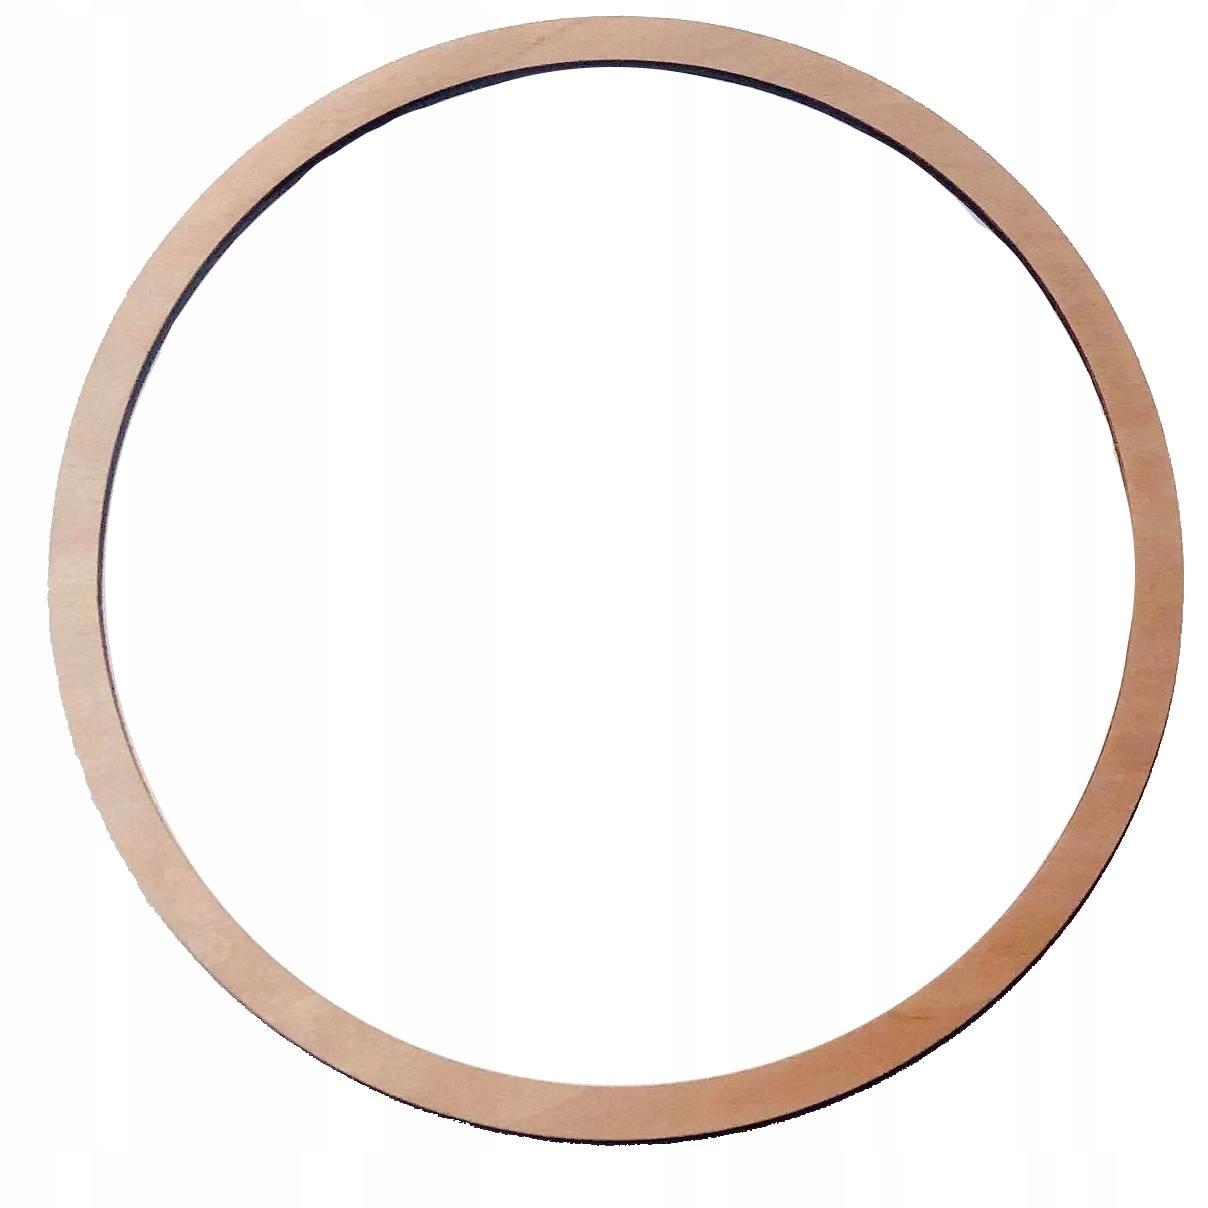 Drewniana obręcz kółko do łapacza snów 48 cm DIY